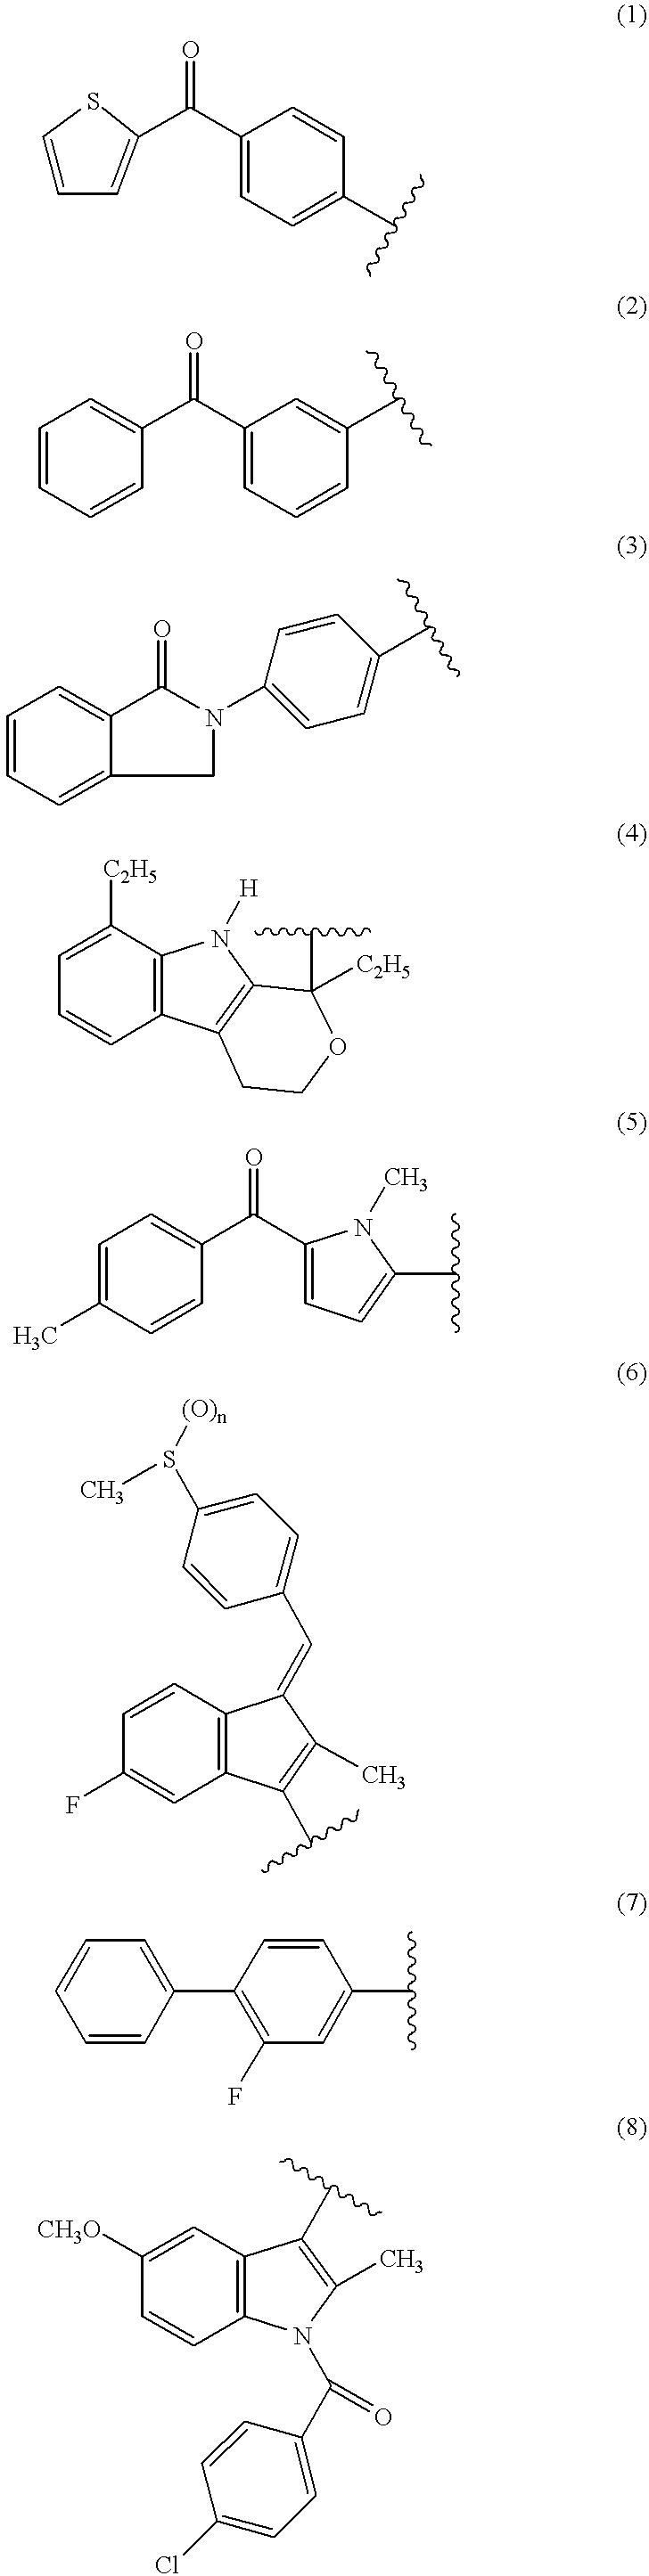 Figure US06297260-20011002-C00002